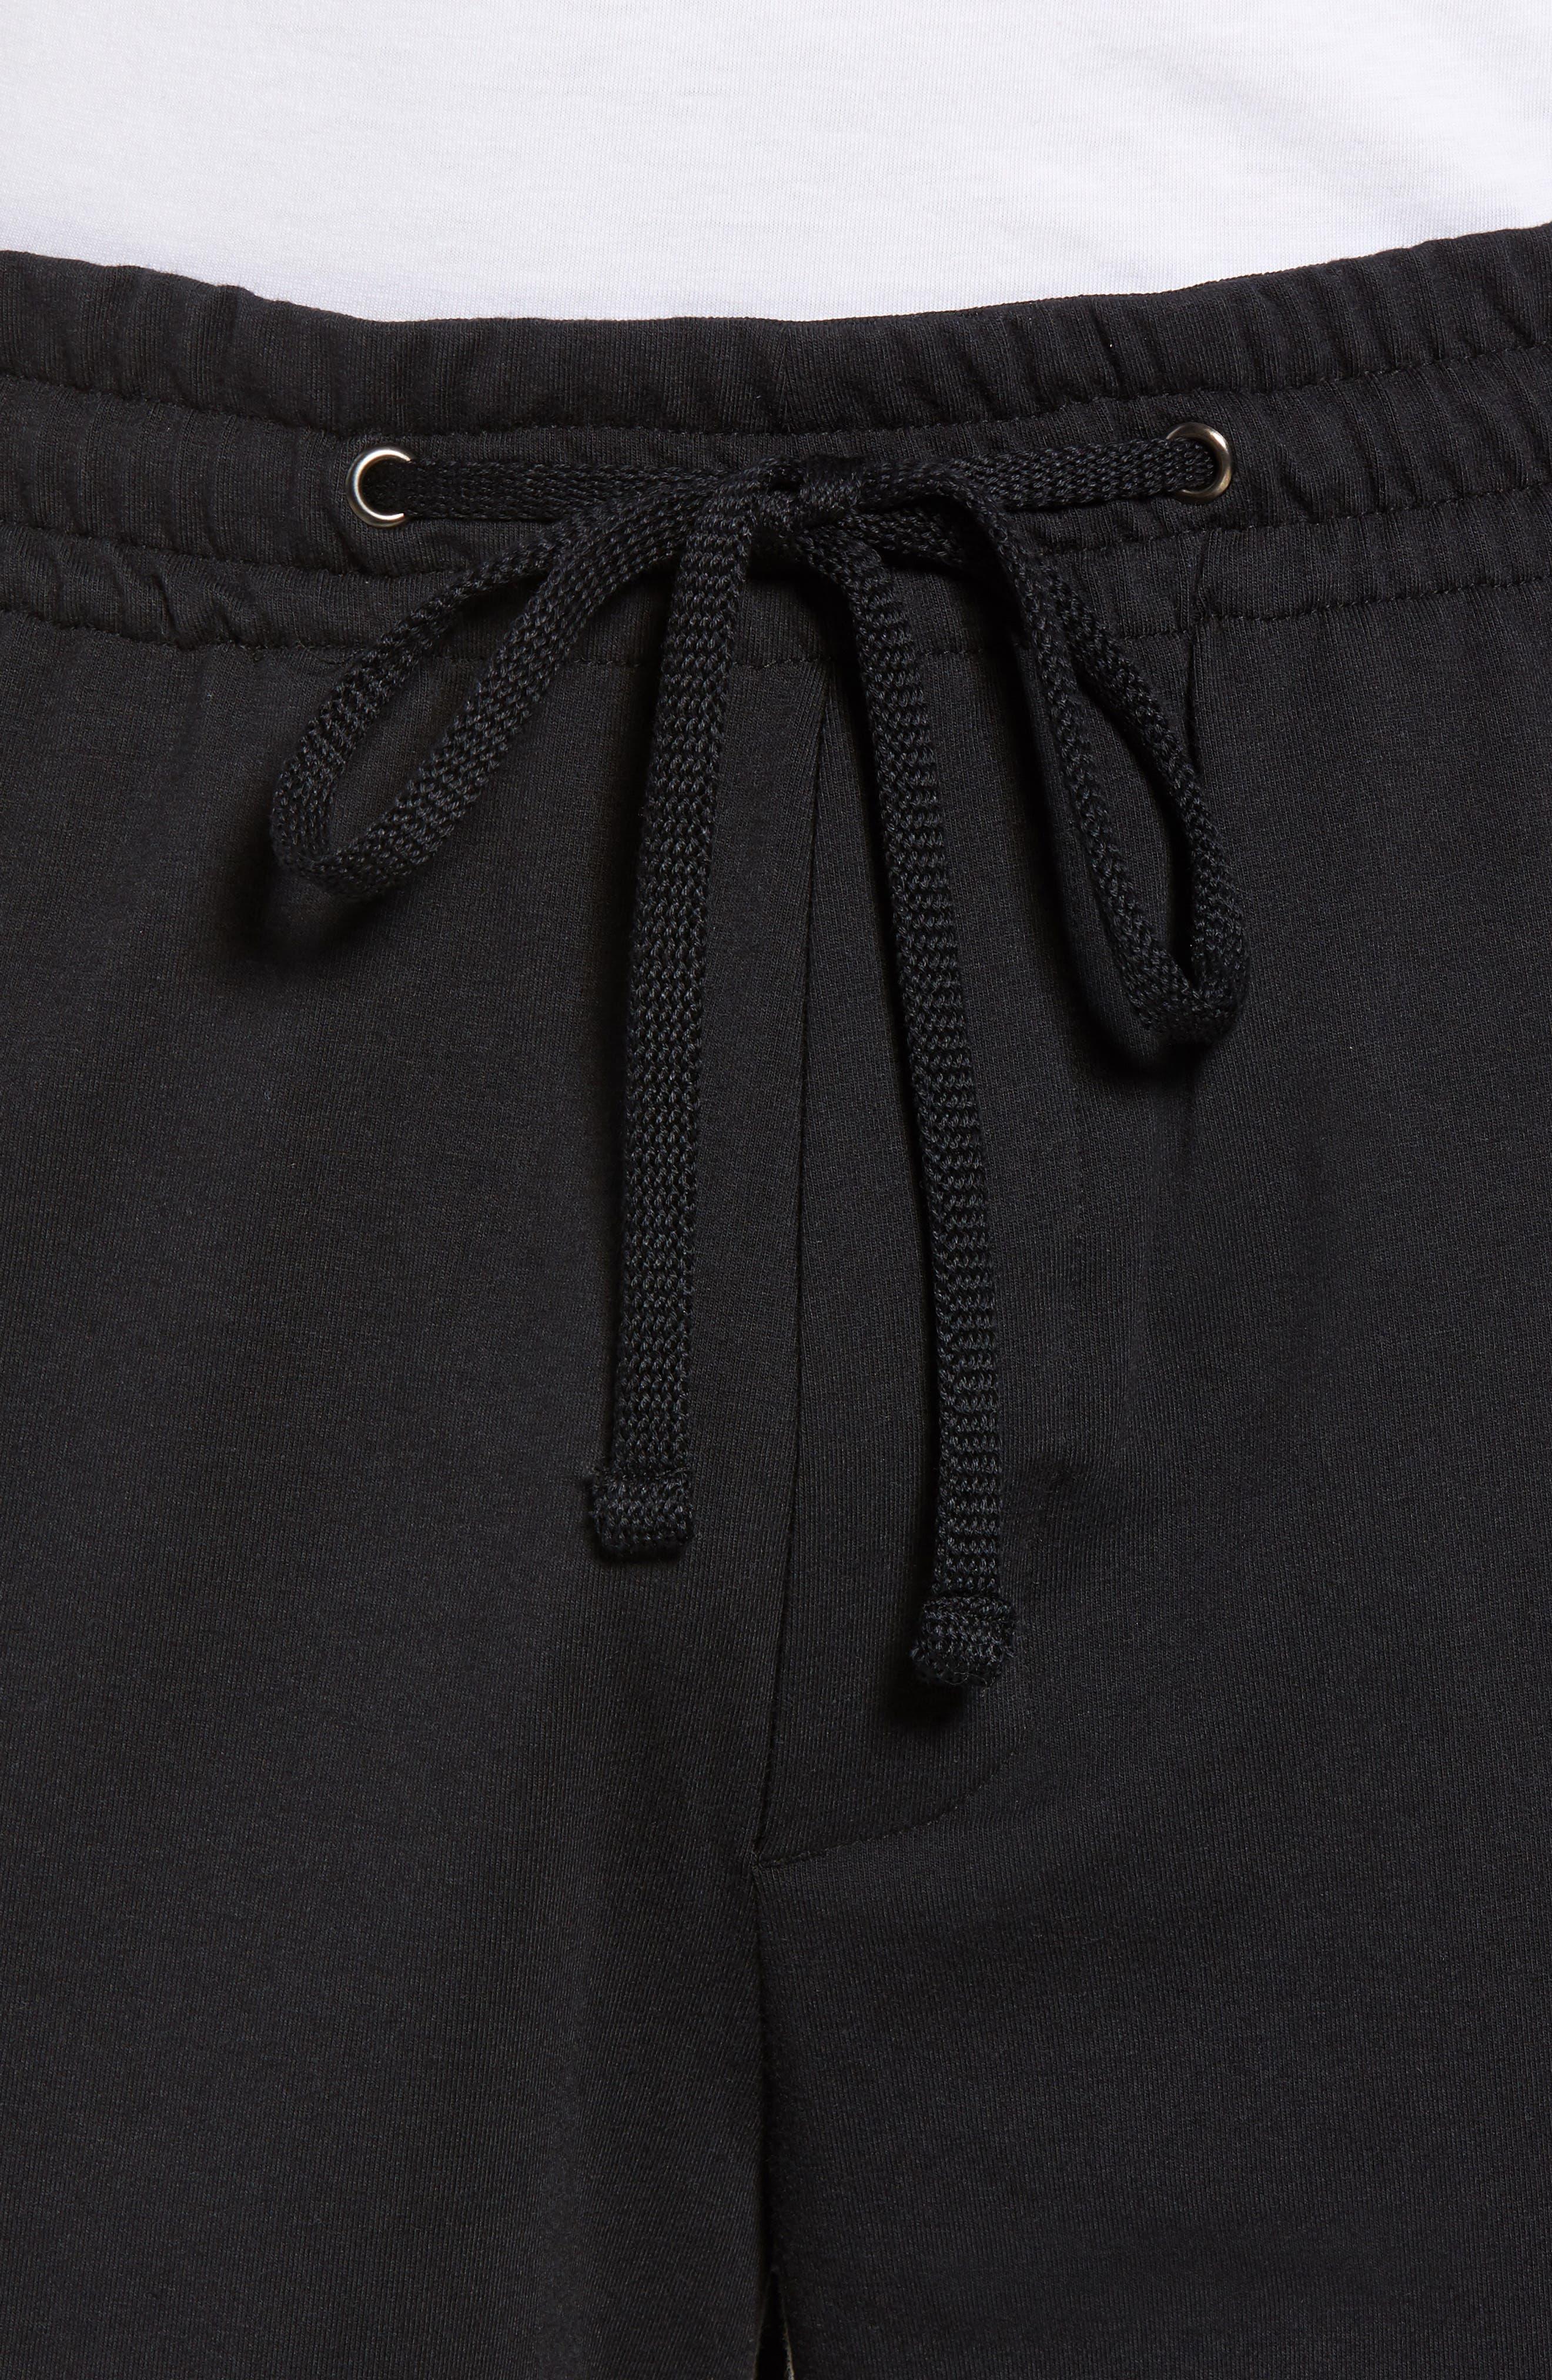 Vintage Regular Fit Gym Shorts,                             Alternate thumbnail 4, color,                             001